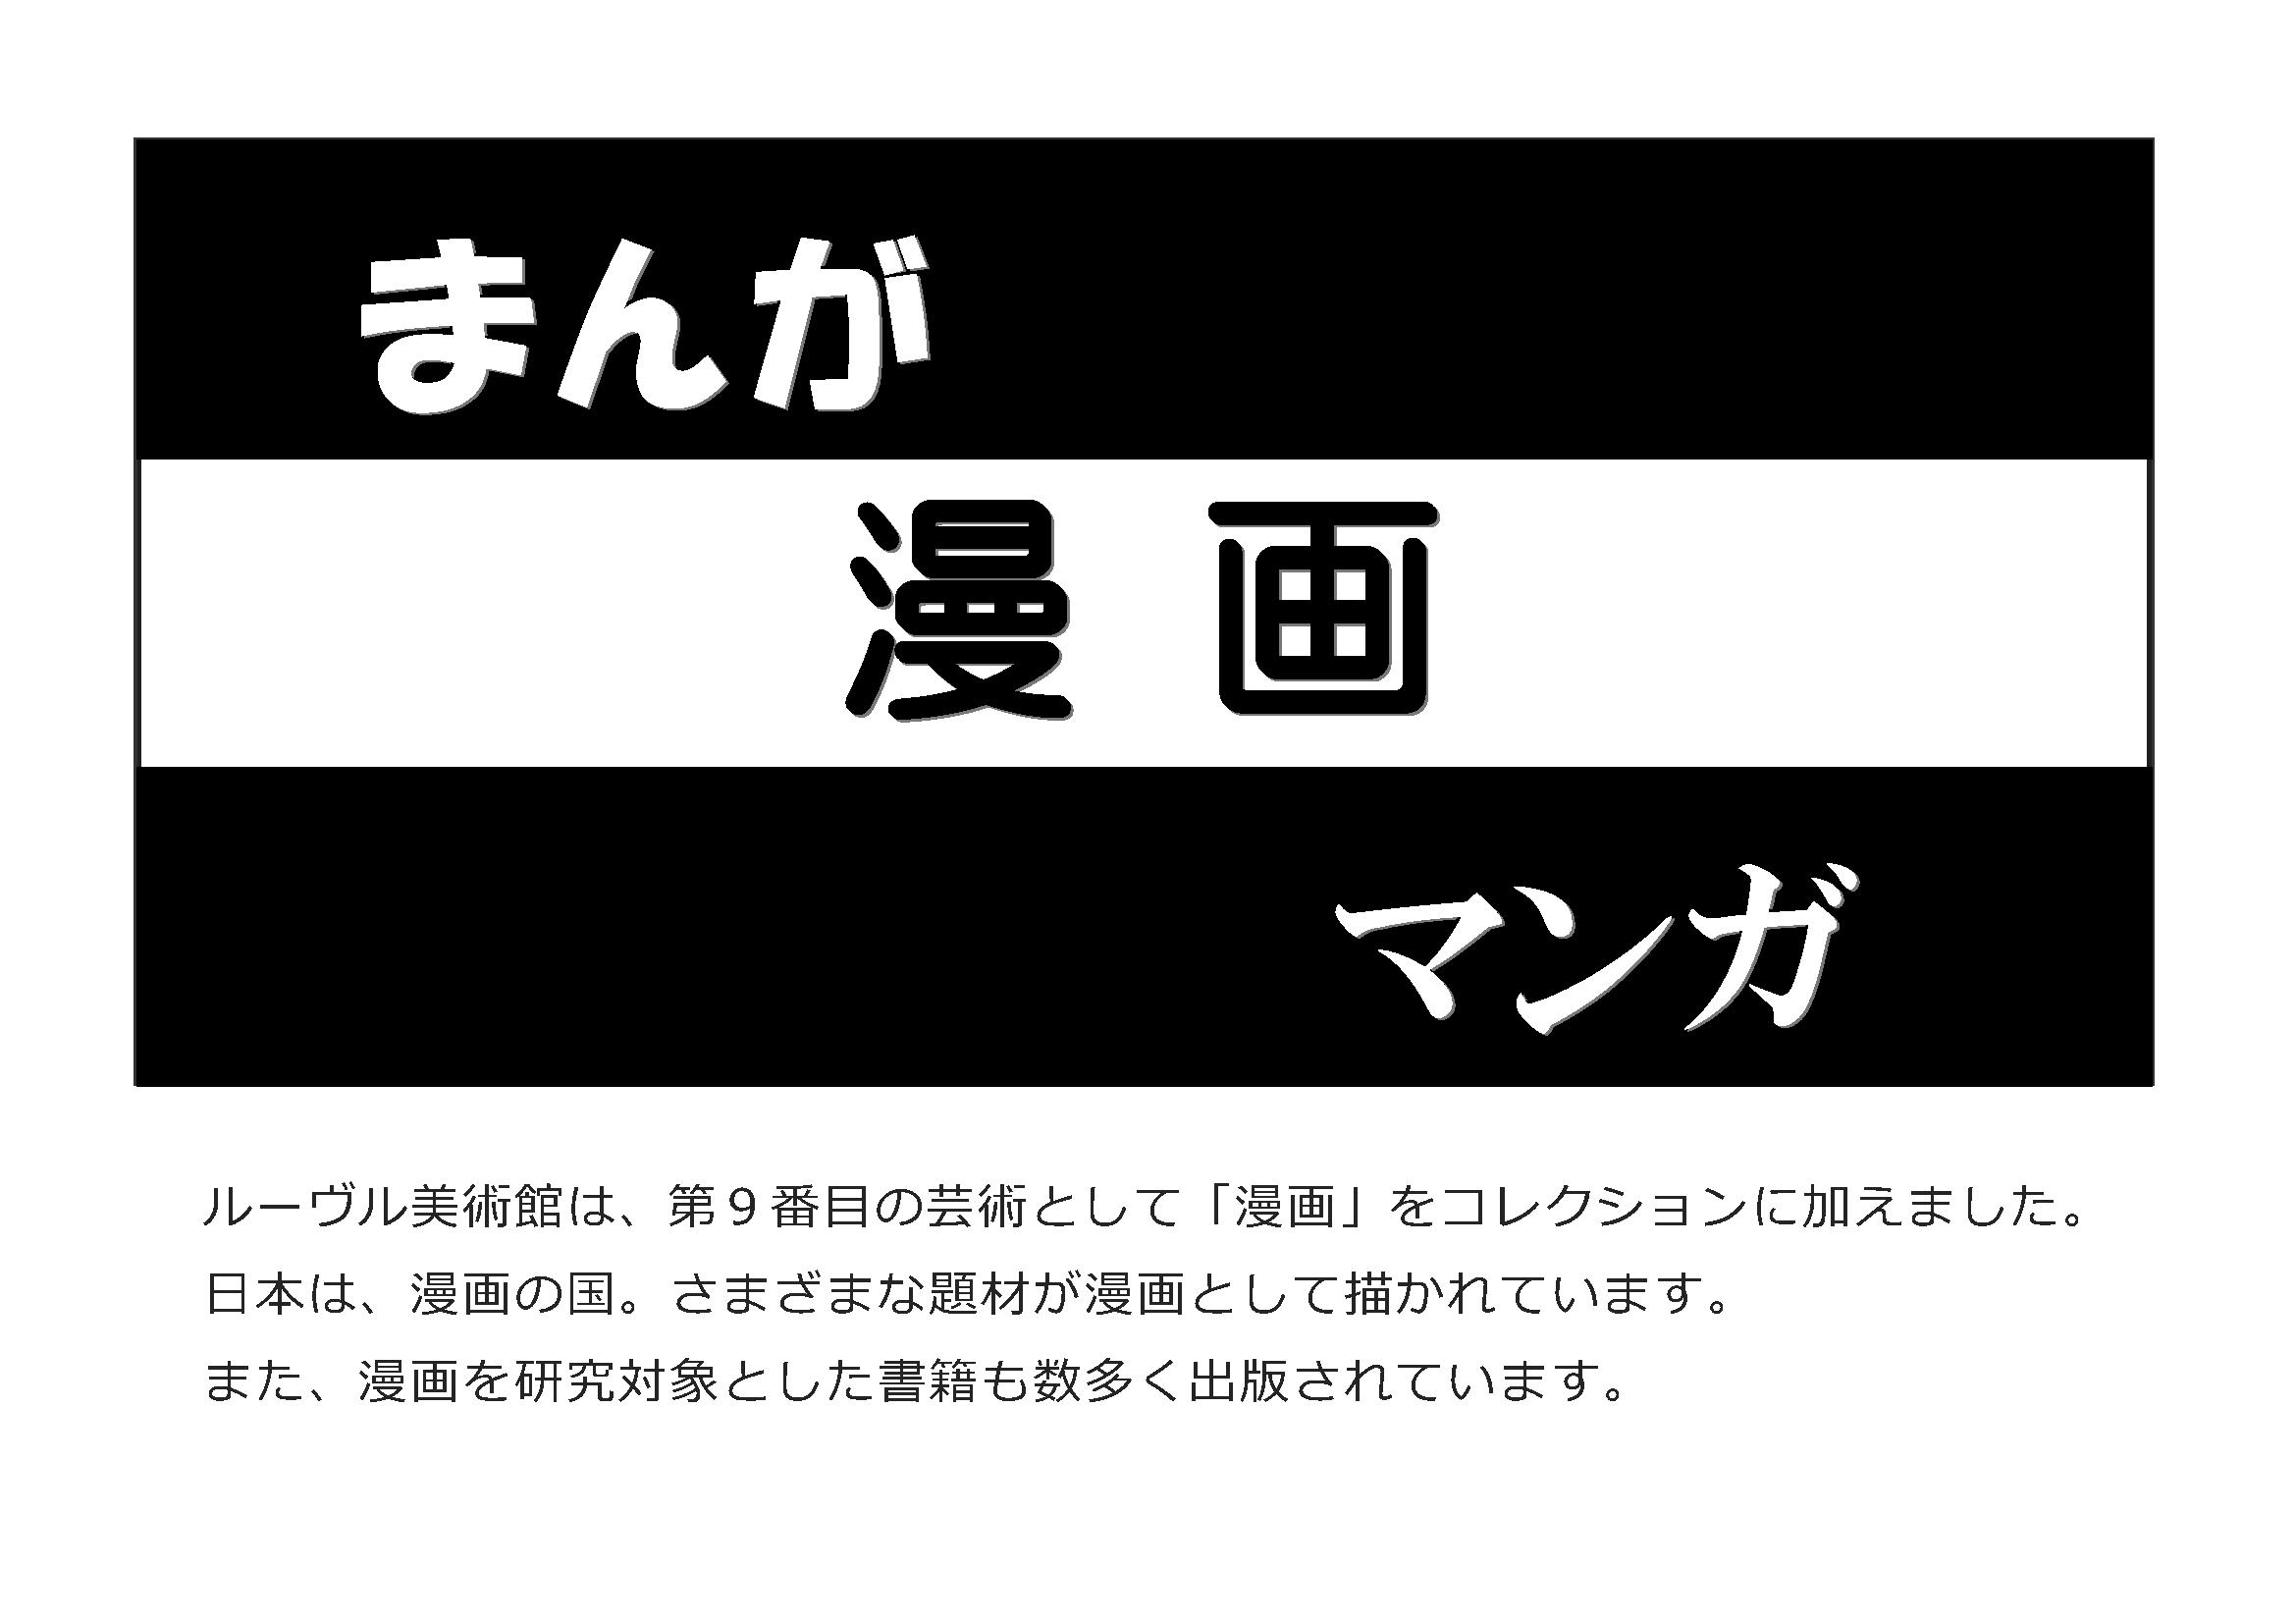 展示「まんが・漫画・マンガ」